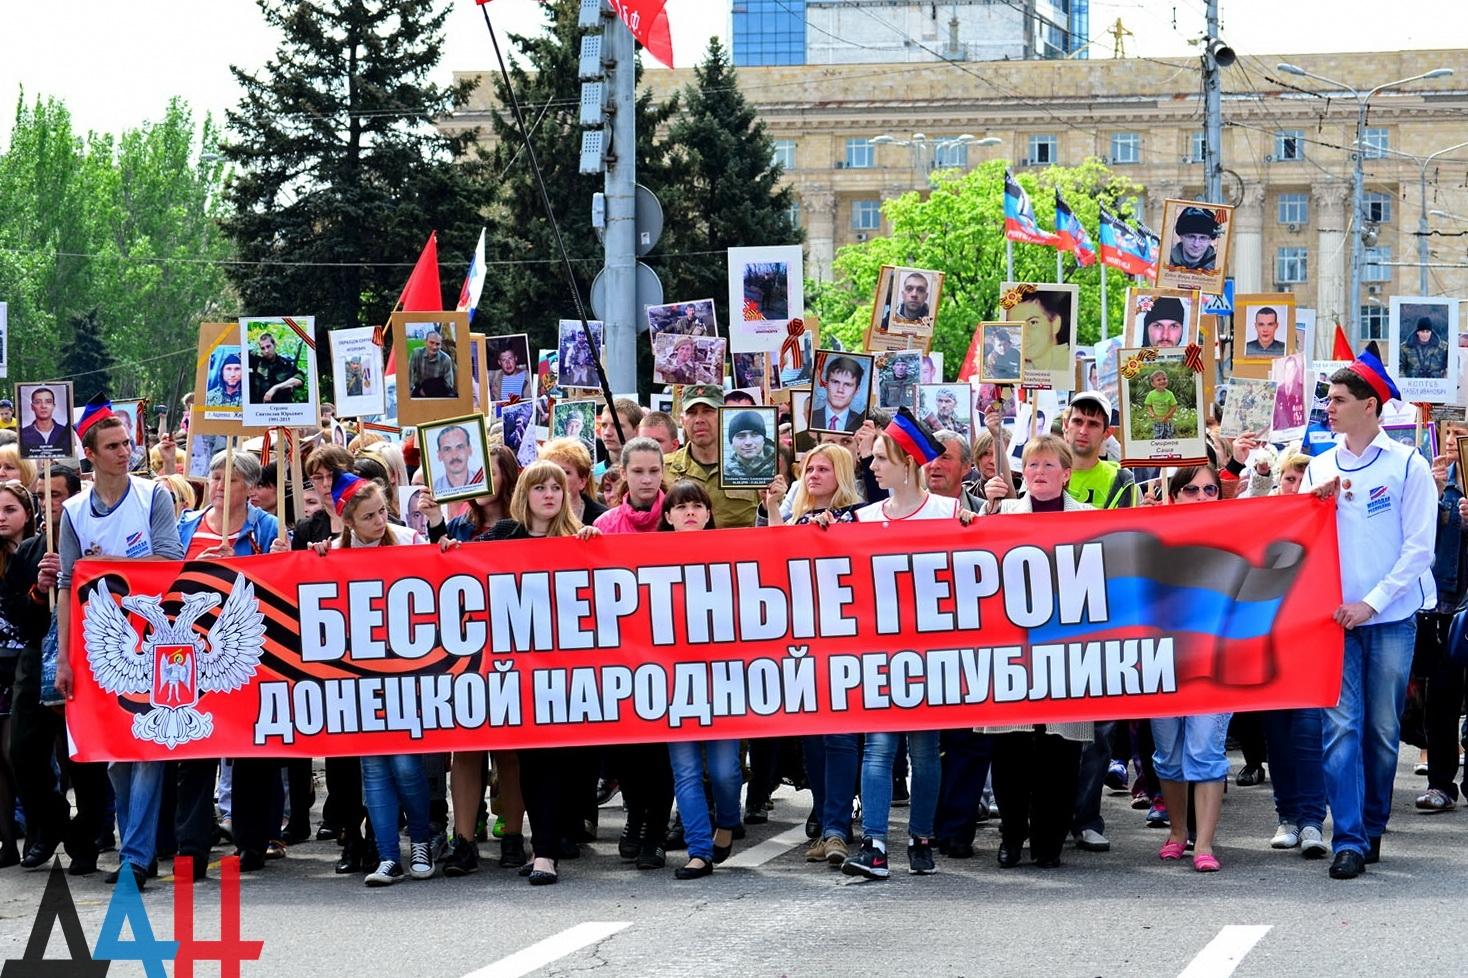 Бессмертные герои Донецкой Народной республики